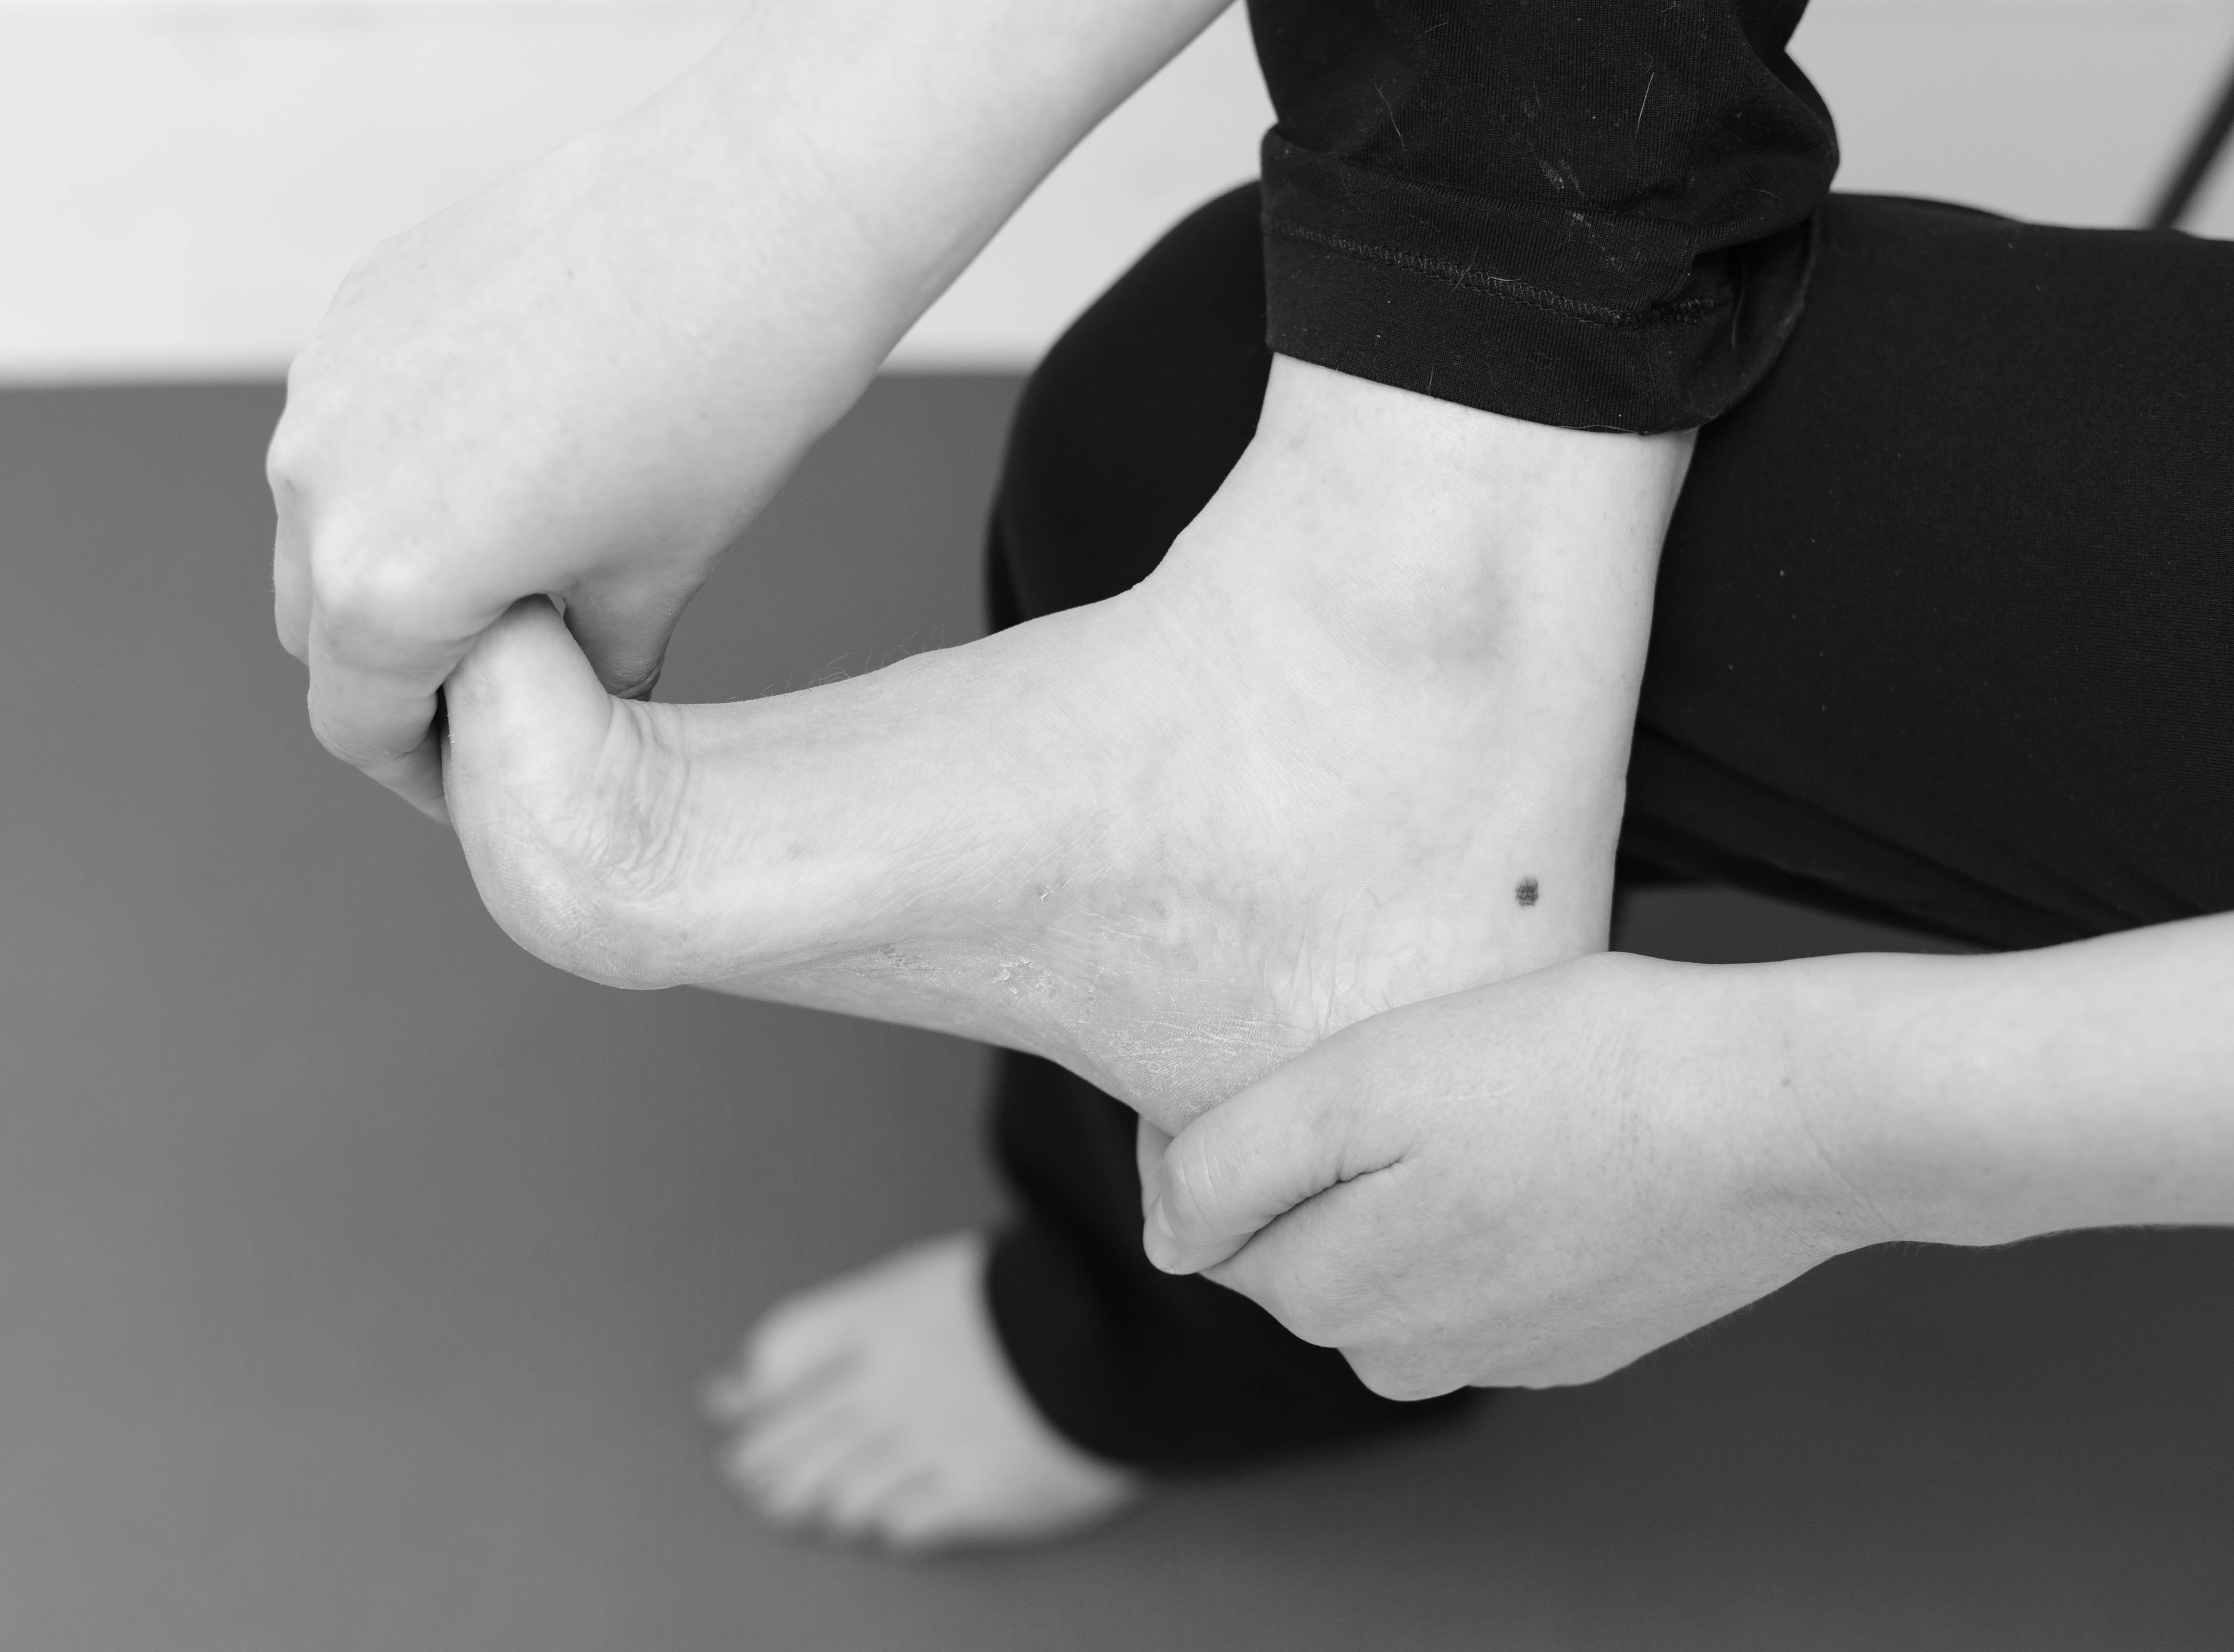 Stretch for the plantar fascia